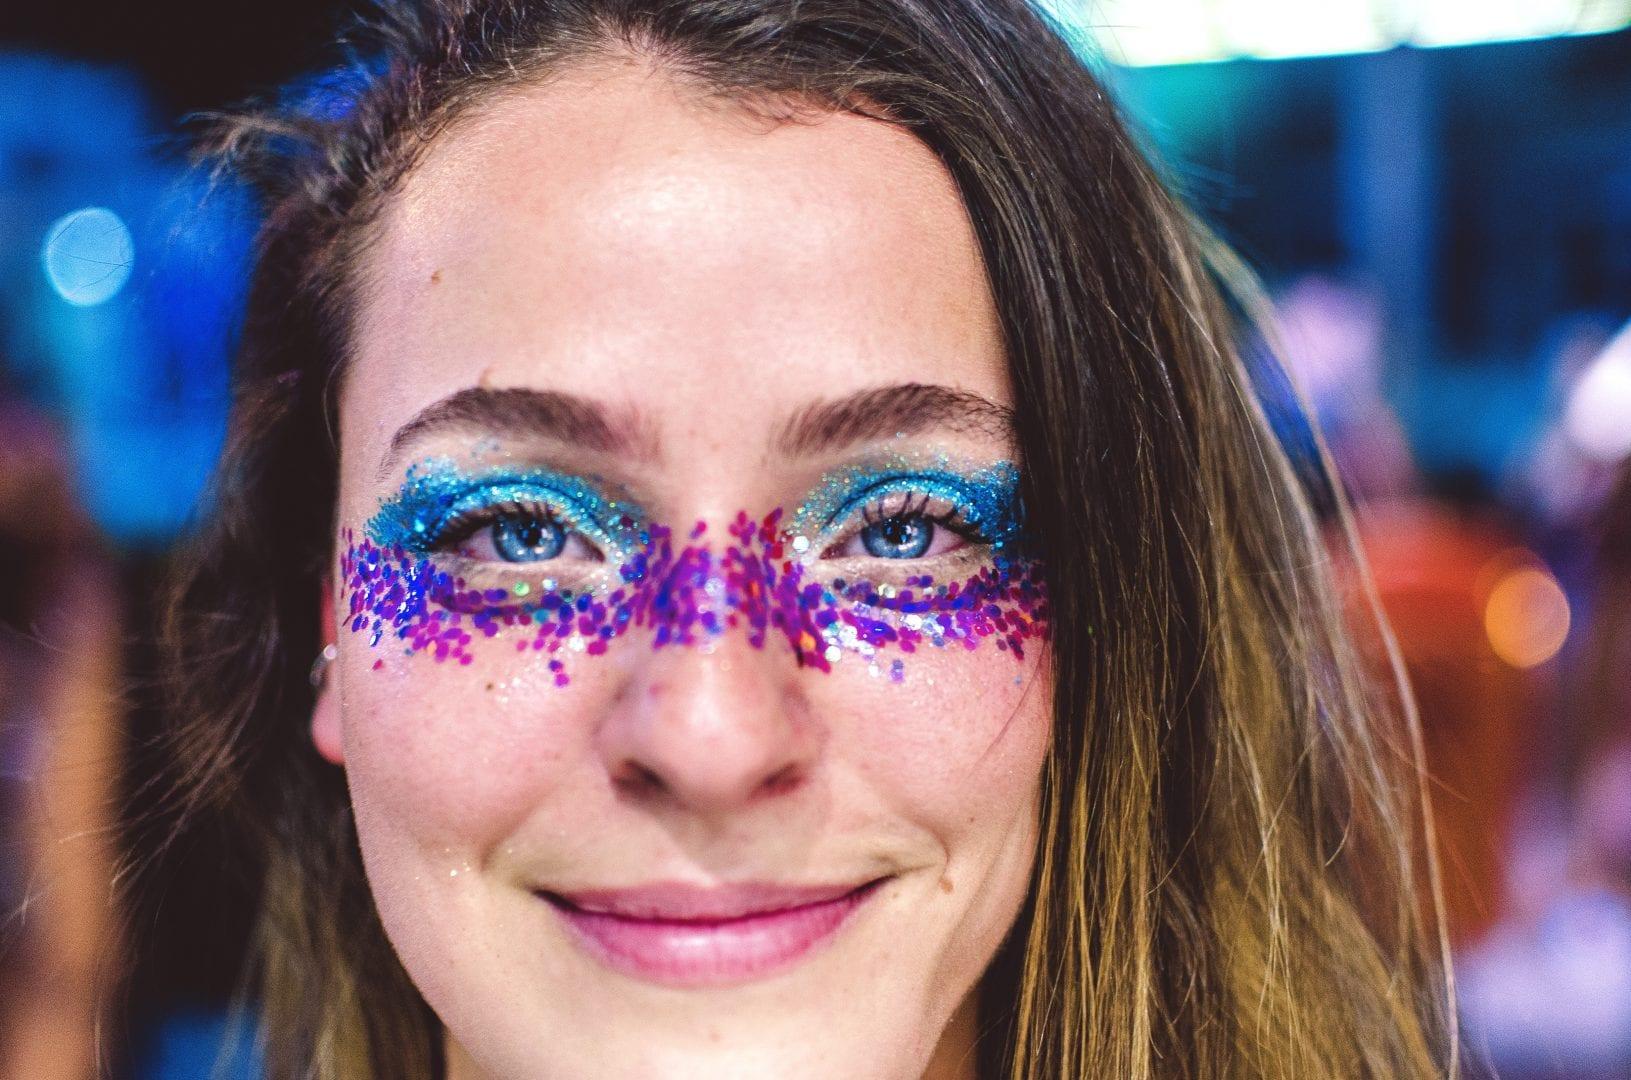 Purpurina - o que é, como usar na maquiagem e diferença para o glitter